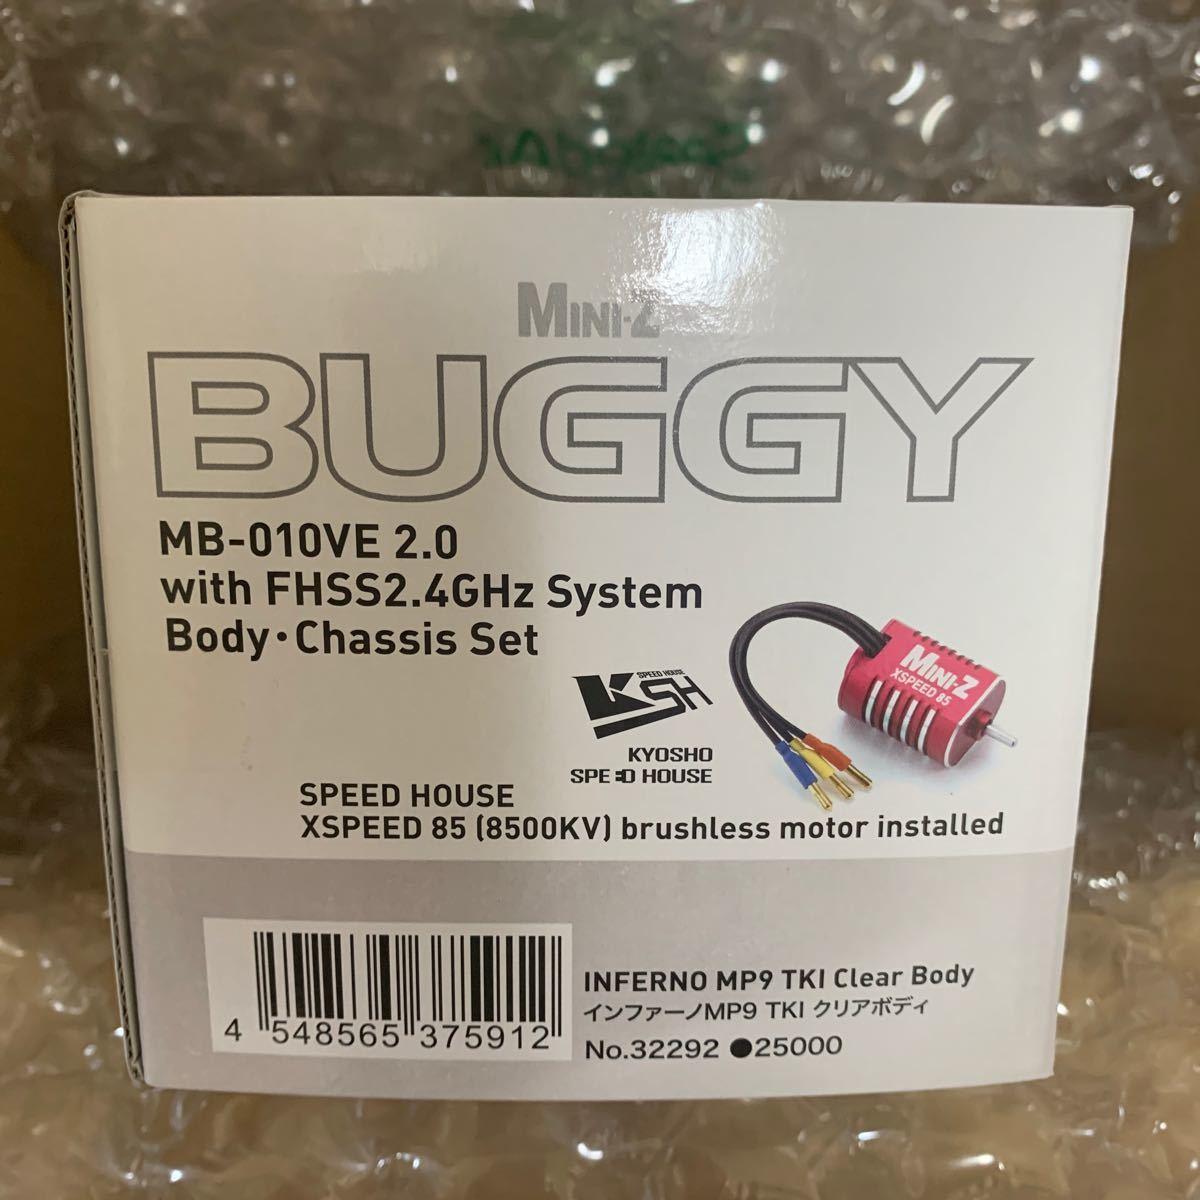 京商 ミニッツバギー MB-010VE 2.0 FHSS 2.4GHzシステム インファーノMP9  ブラシレス